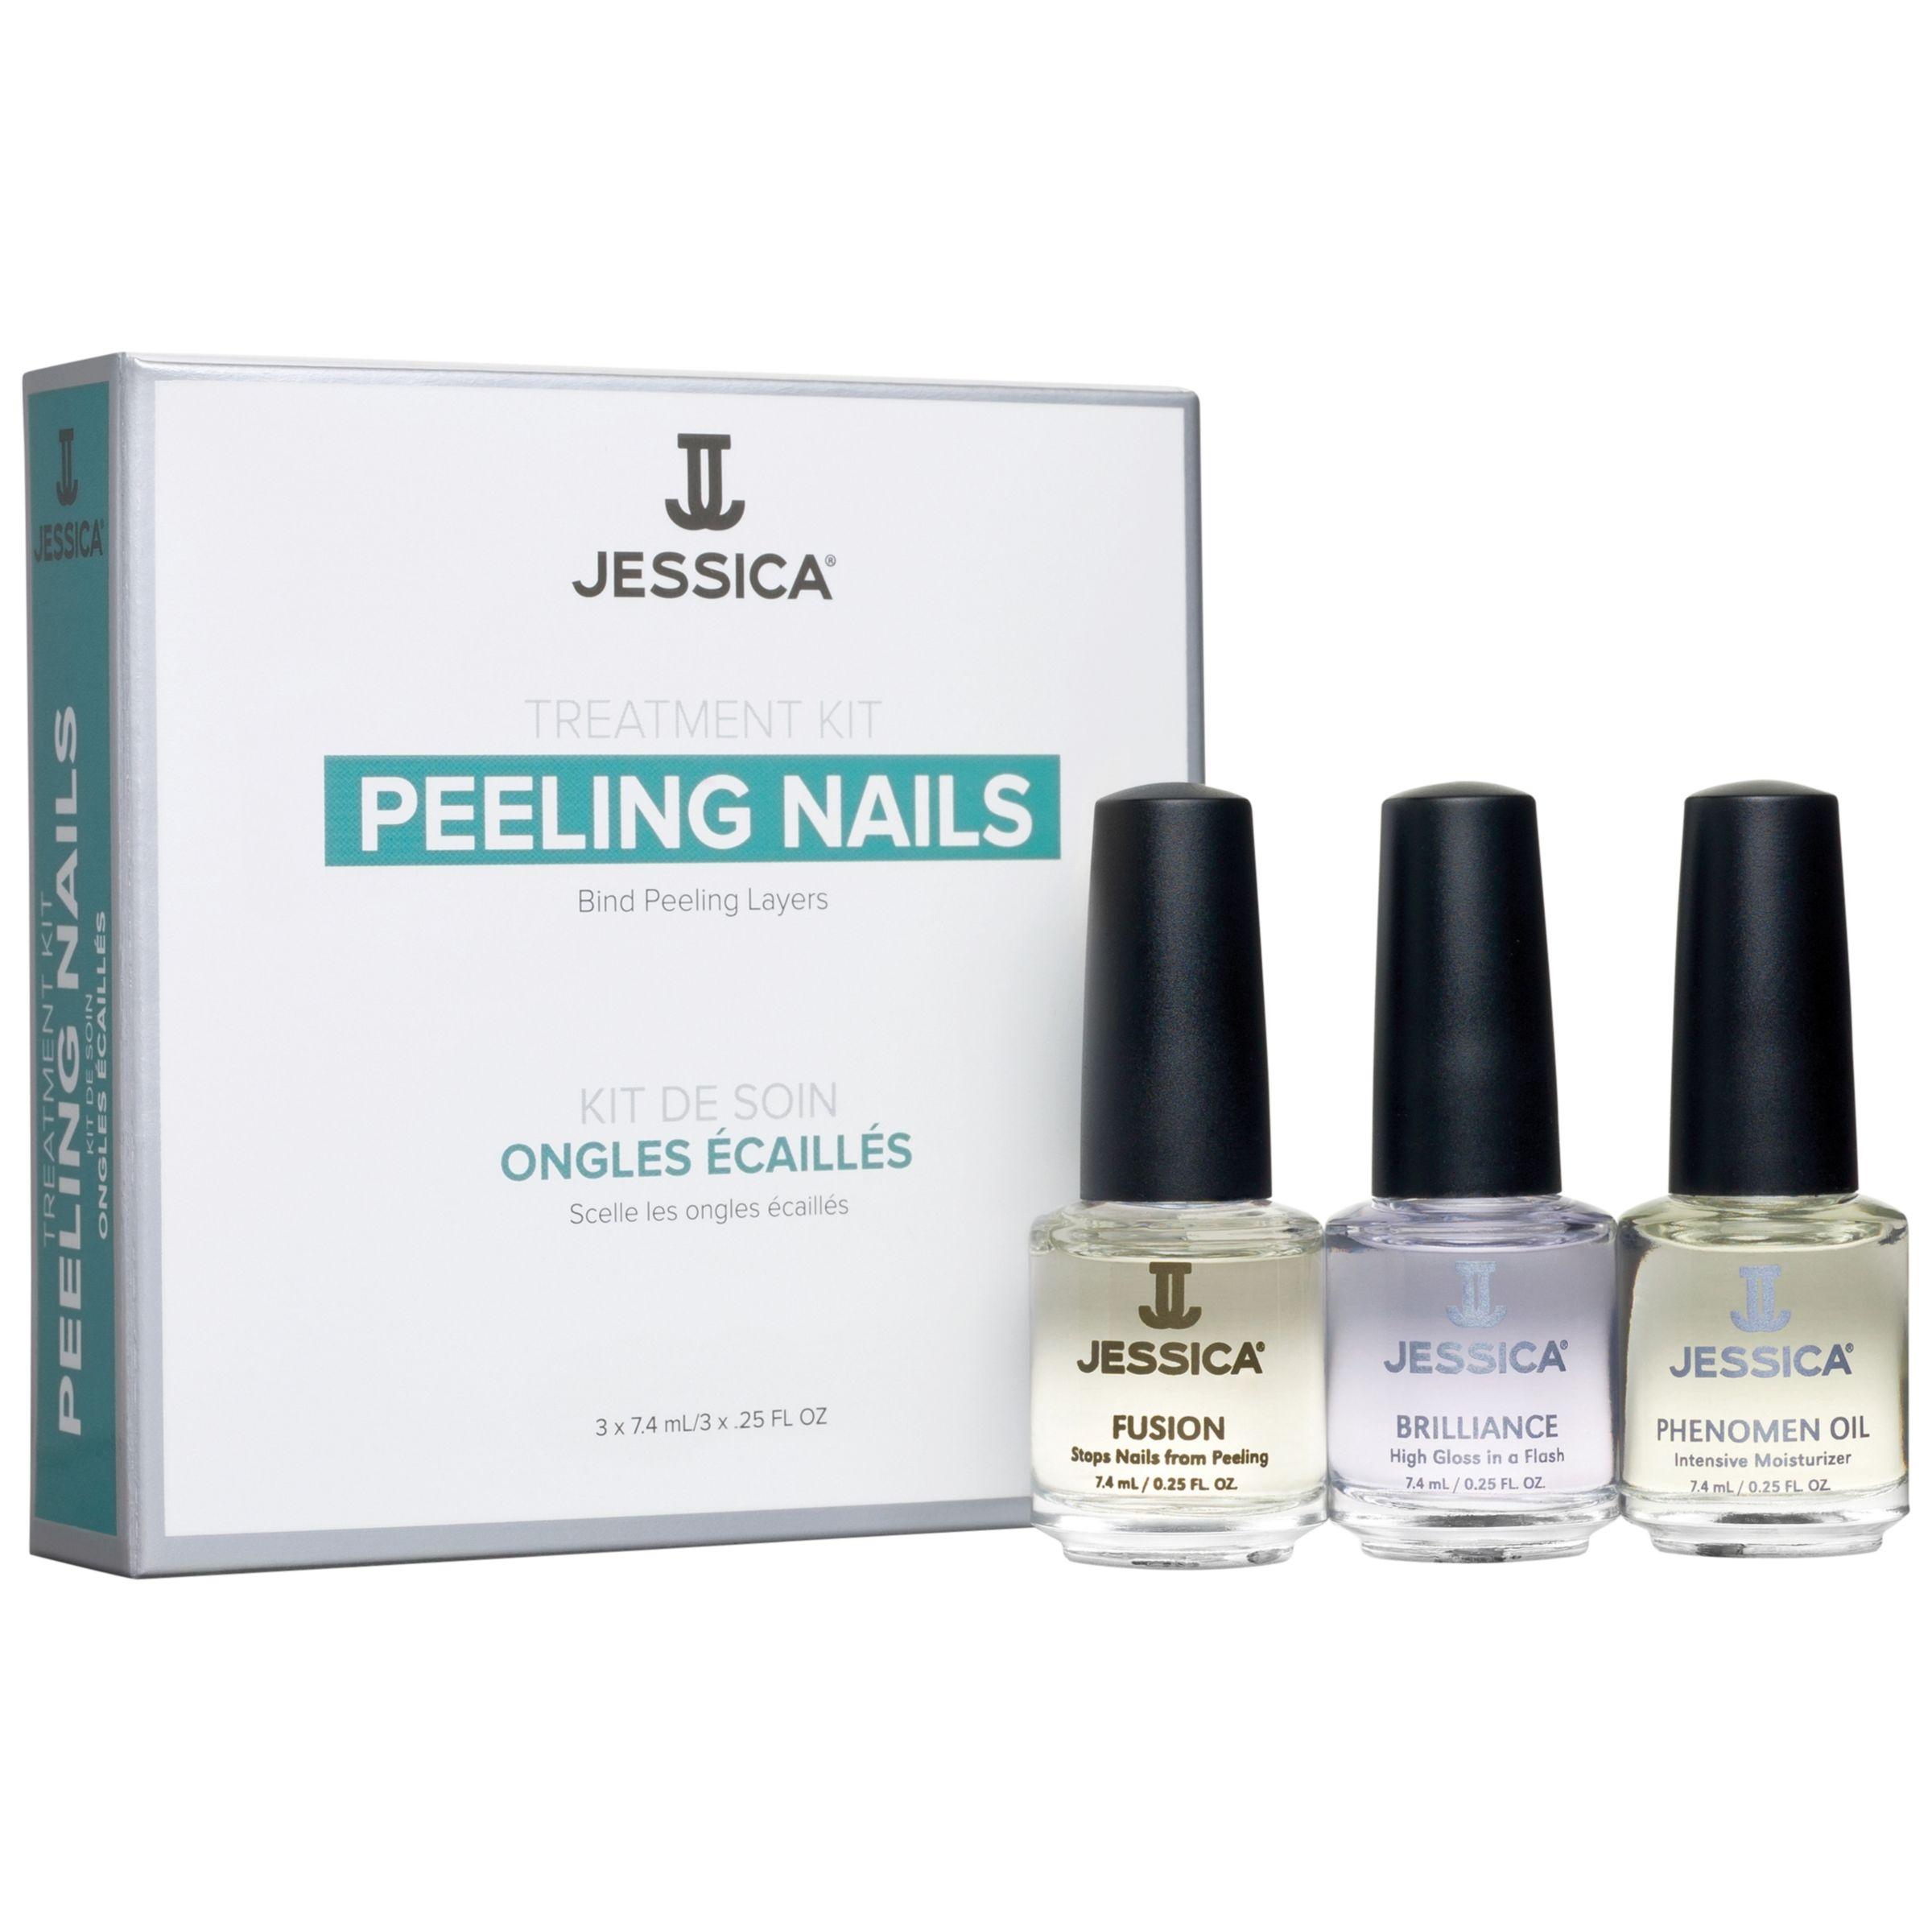 Jessica Jessica Peeling Nails Treatment Kit, 3 x 7.4ml